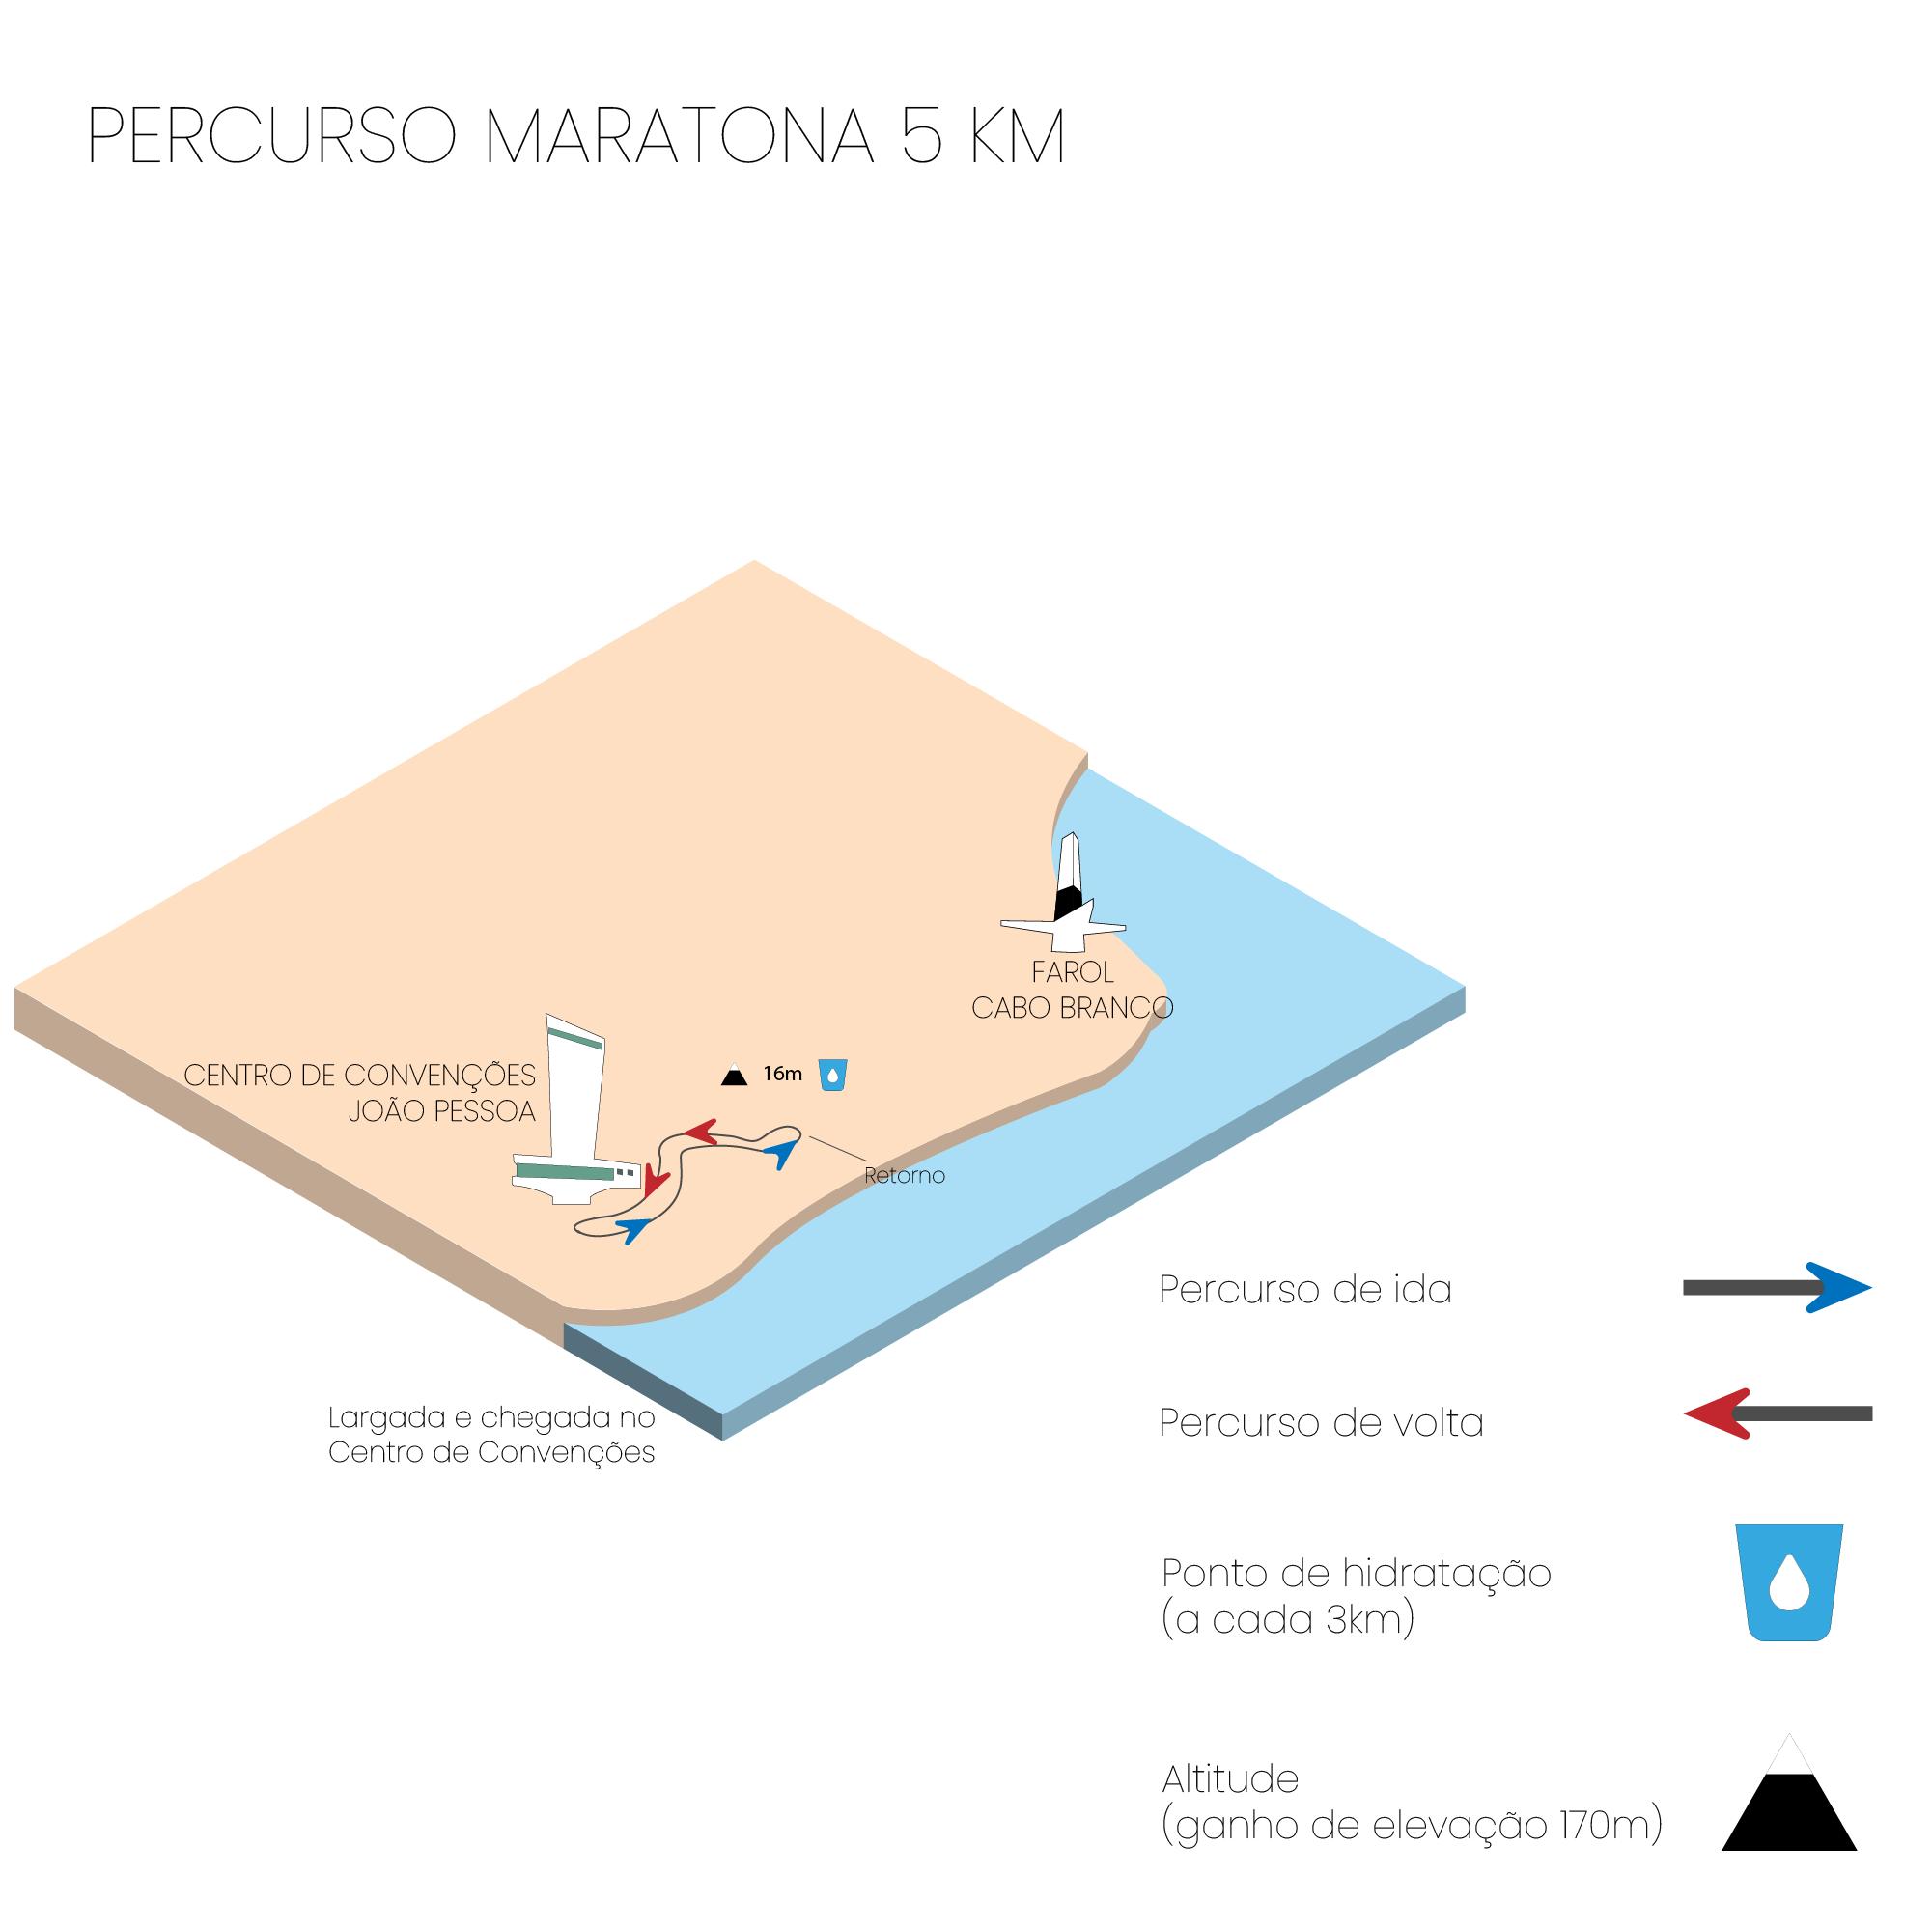 Meia Maratona Cidade de João Pessoa prova dos 5km